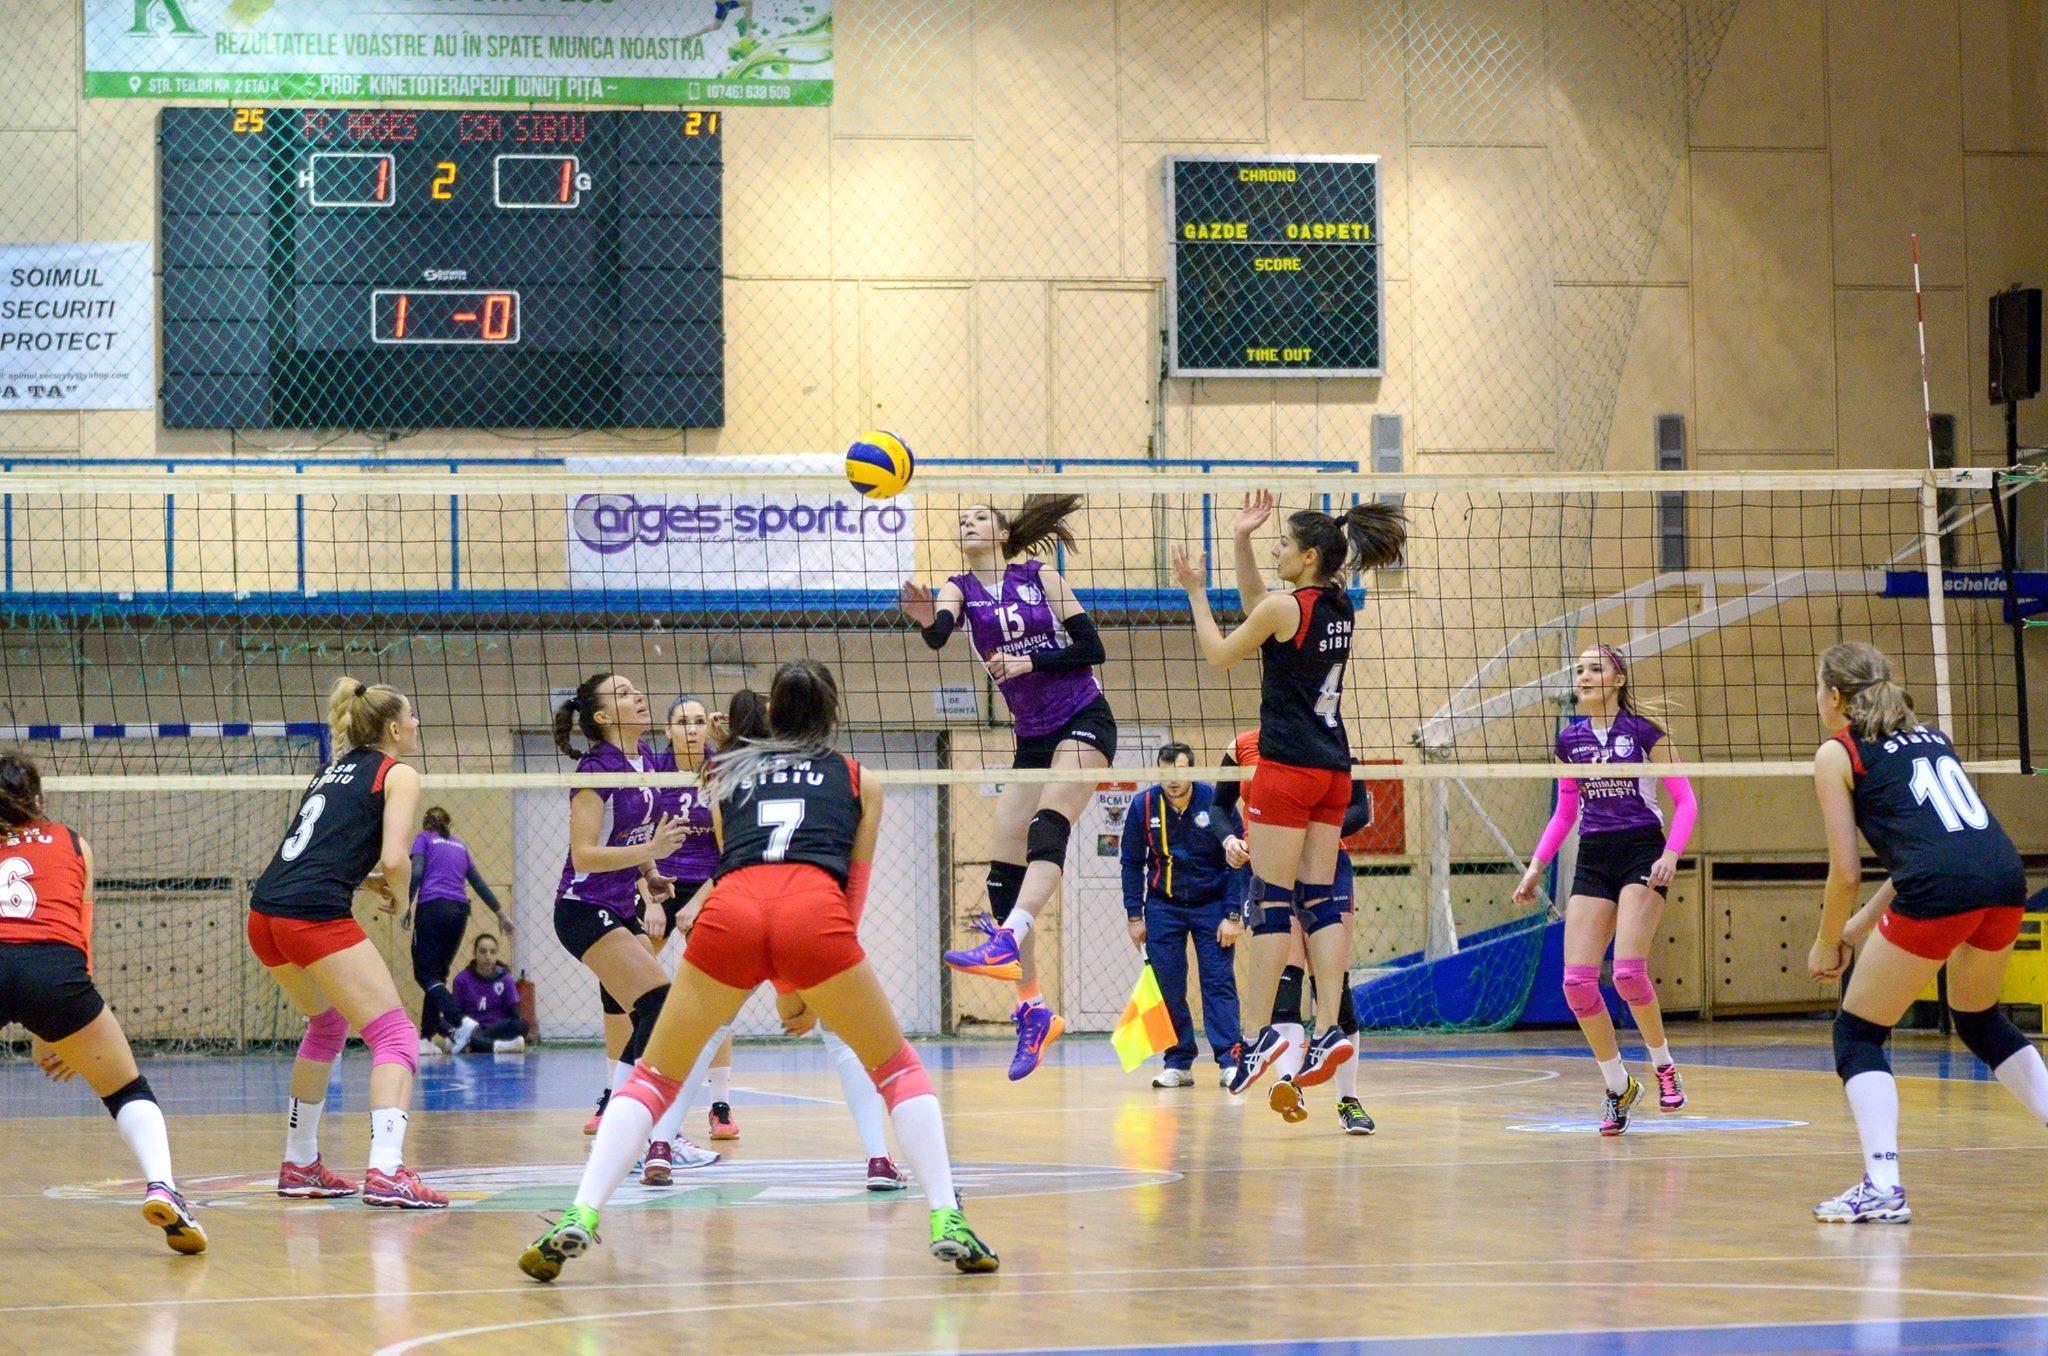 CSU Pitești și FC Argeș, live video pe Arges-Sport.ro